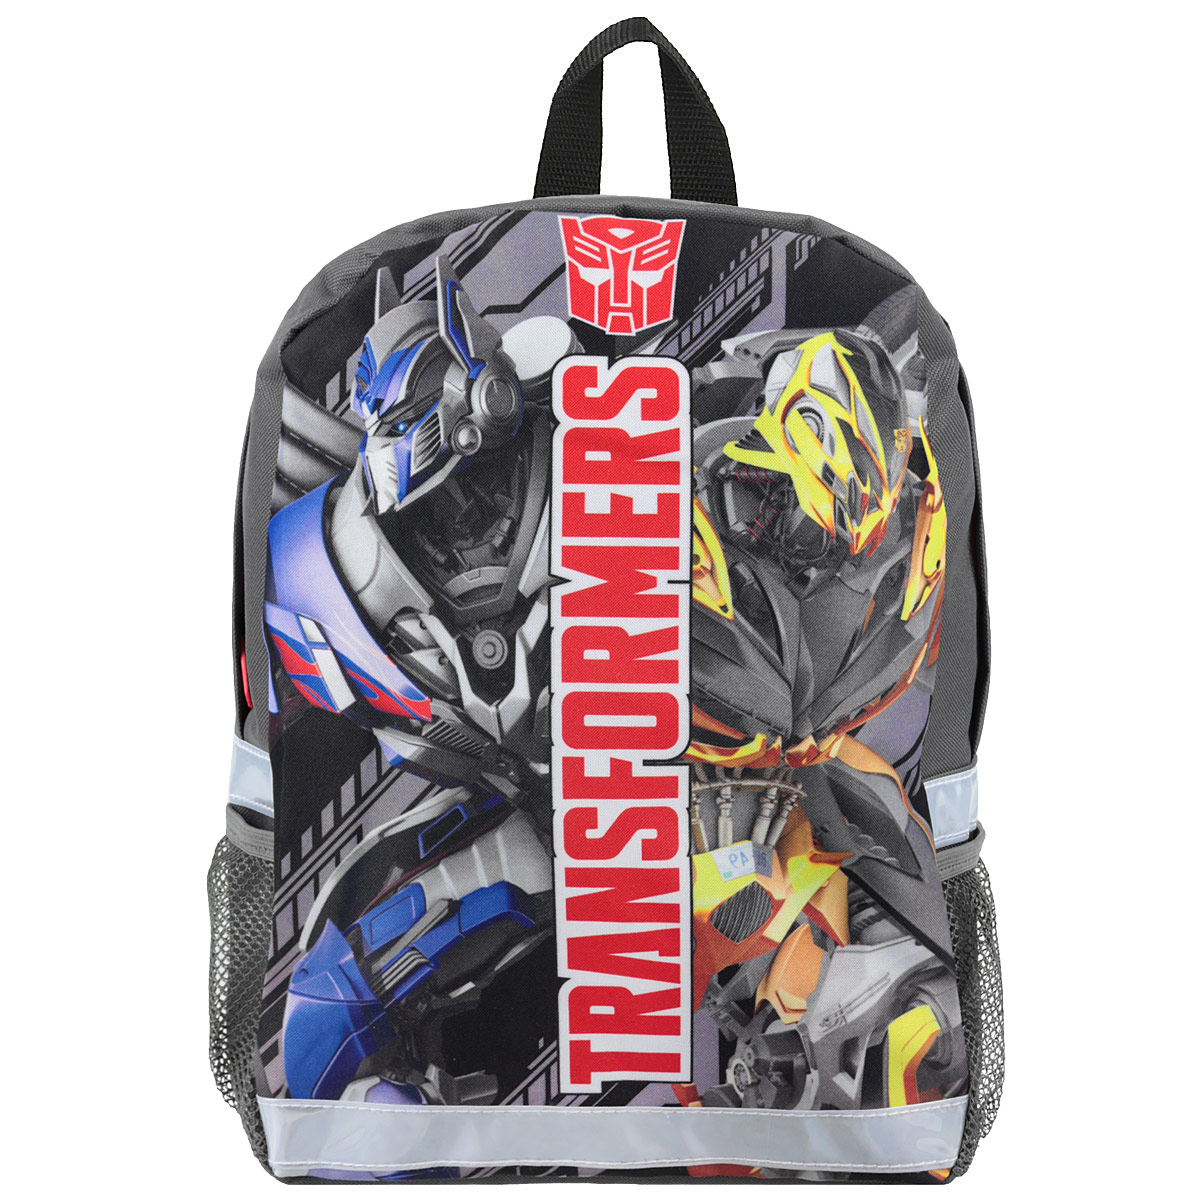 Рюкзак детский Transformers Prime, цвет: серый, черный. TRCB-UT4-56672523WDСтильный и компактный детский рюкзак Transformers Prime обязательно привлечет внимание вашего ребенка. Выполнен из прочного и безопасного материала и дополнен изображением трансформеров.Содержит одно вместительное отделение, закрывающееся на застежку-молнию. Внутри отделения имеется мягкая перегородка. По бокам рюкзака находятся два кармана-сетка. Широкие лямки отлично регулируются по длине. Также у рюкзакапредусмотрена текстильная ручка для переноски в руке. Светоотражающие элементы обеспечивают безопасность в темное время суток.Такой рюкзак порадует глаз и подарит отличное настроение вашему ребенку, который будет с удовольствием носить в нем свои вещи или любимые игрушки.Рекомендуемый возраст: от 7 лет.